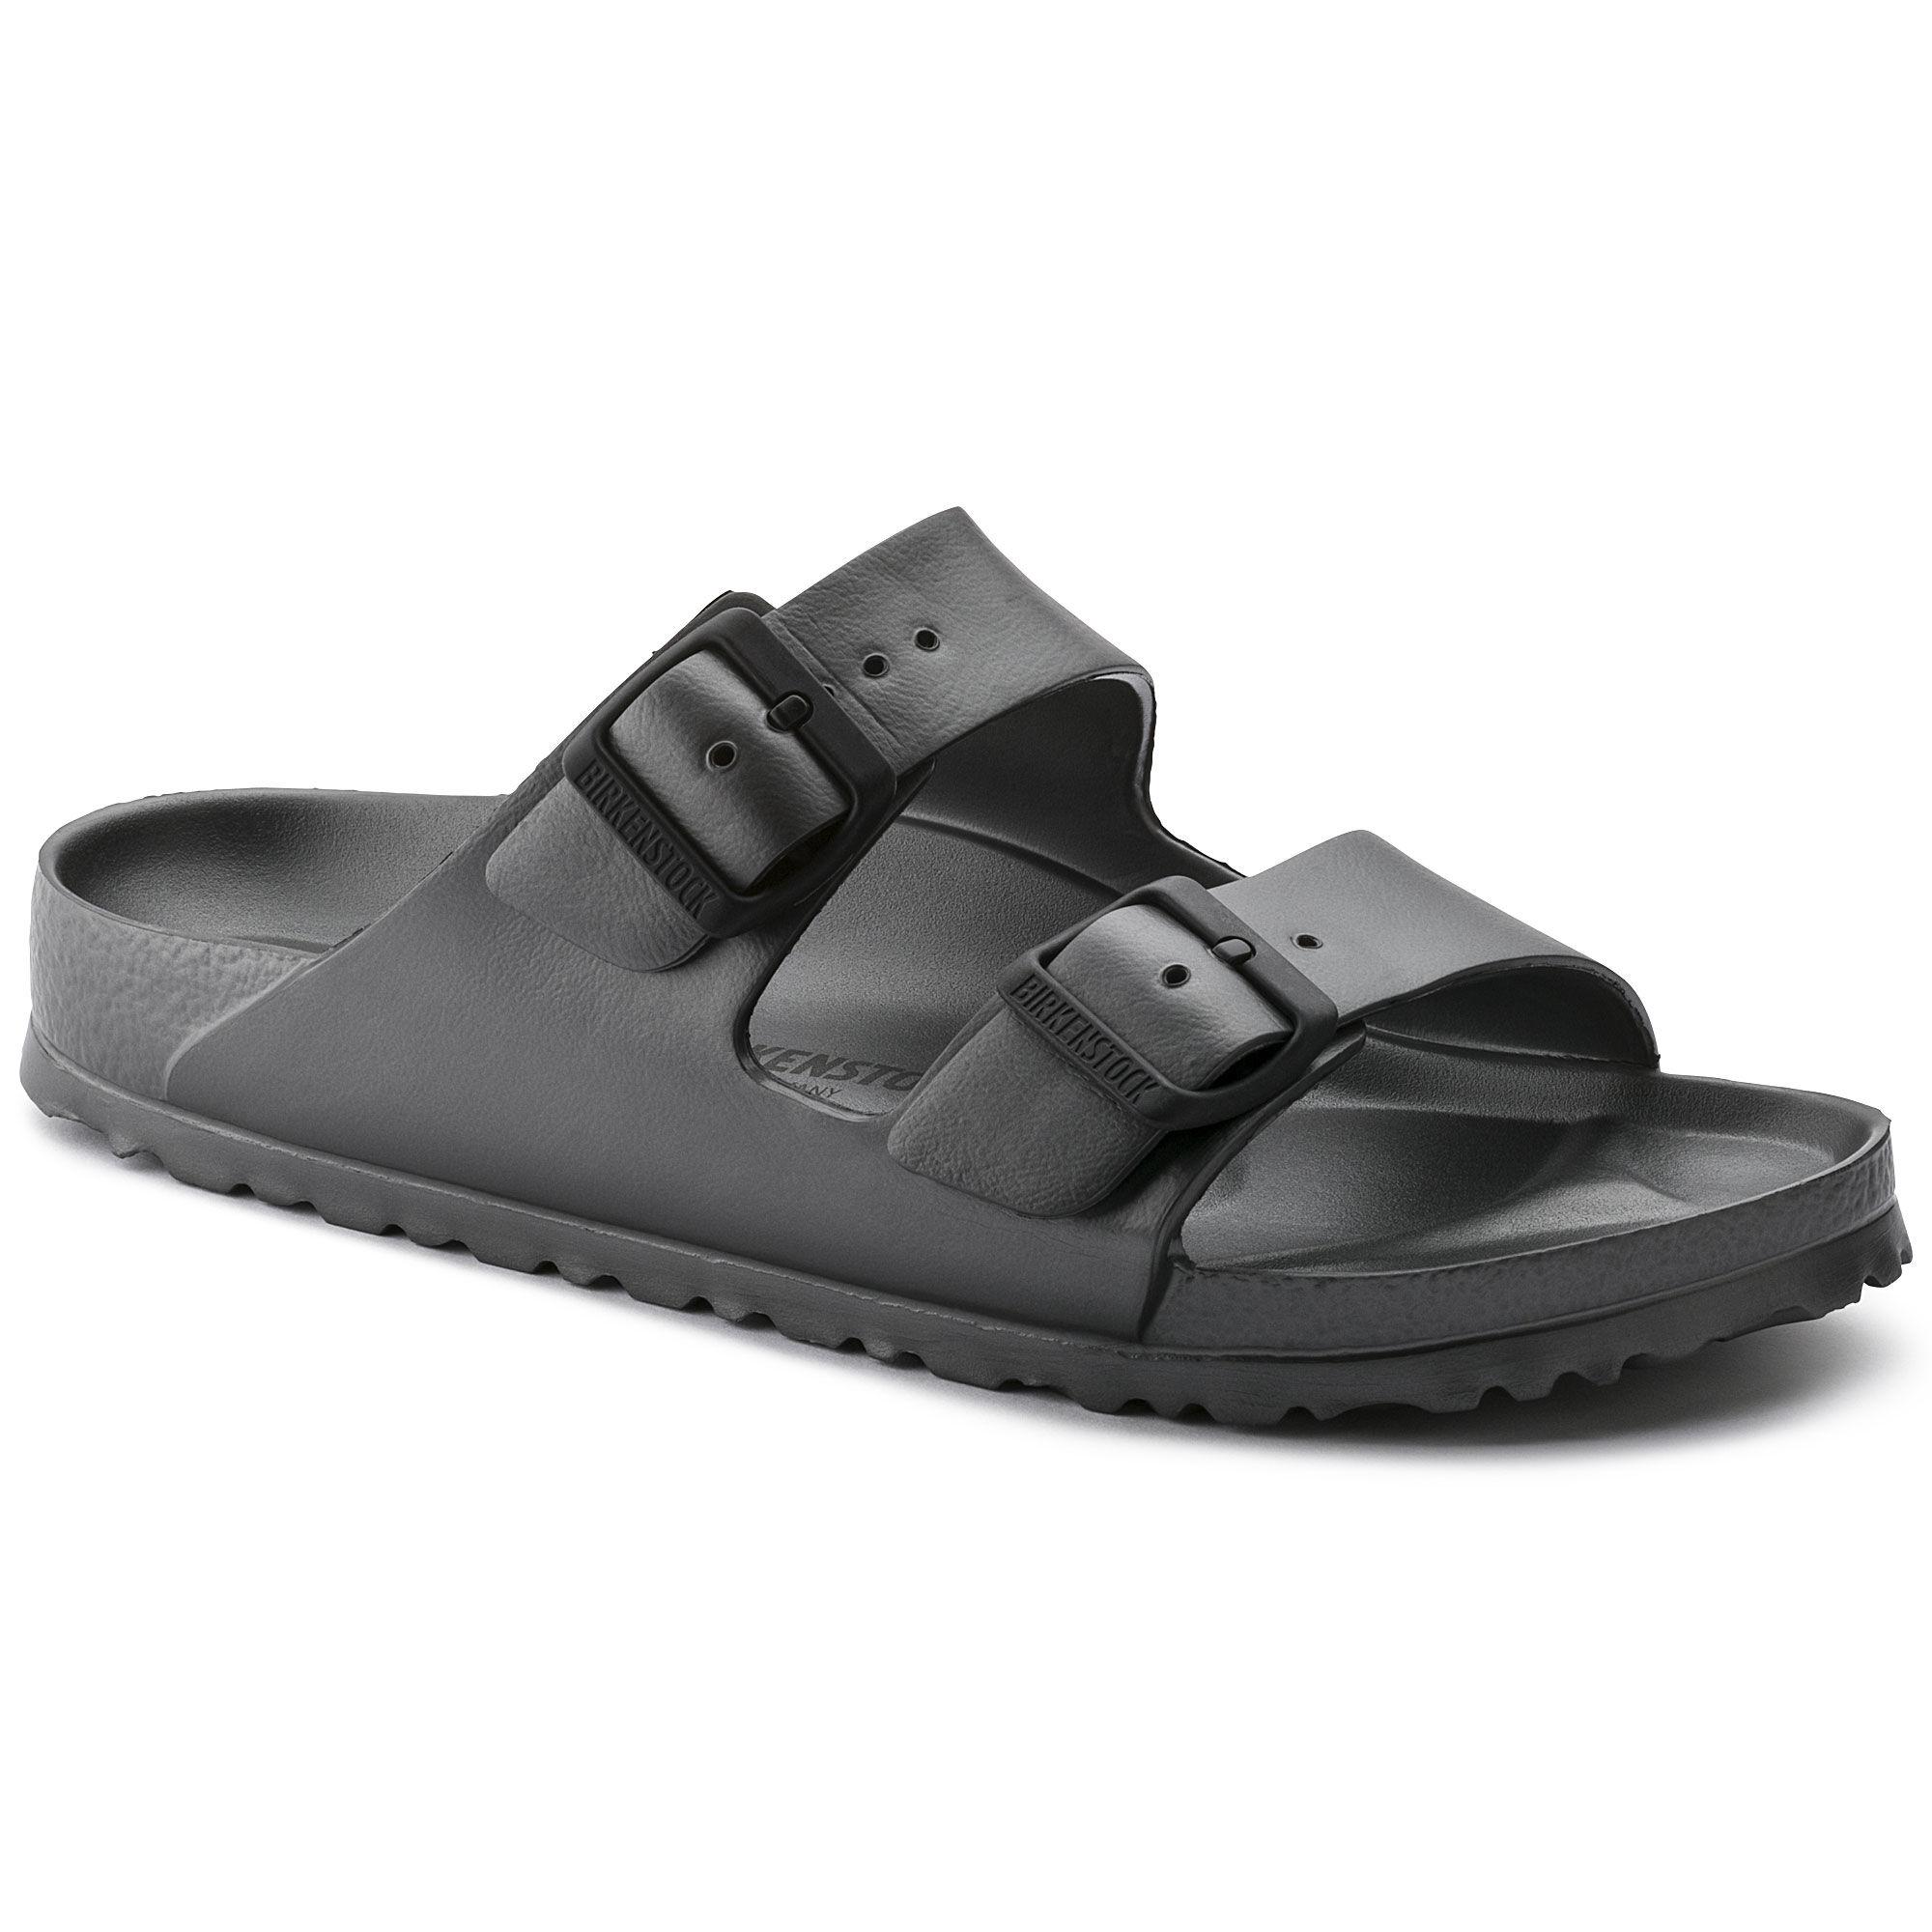 Beach Sandals | buy online at BIRKENSTOCK